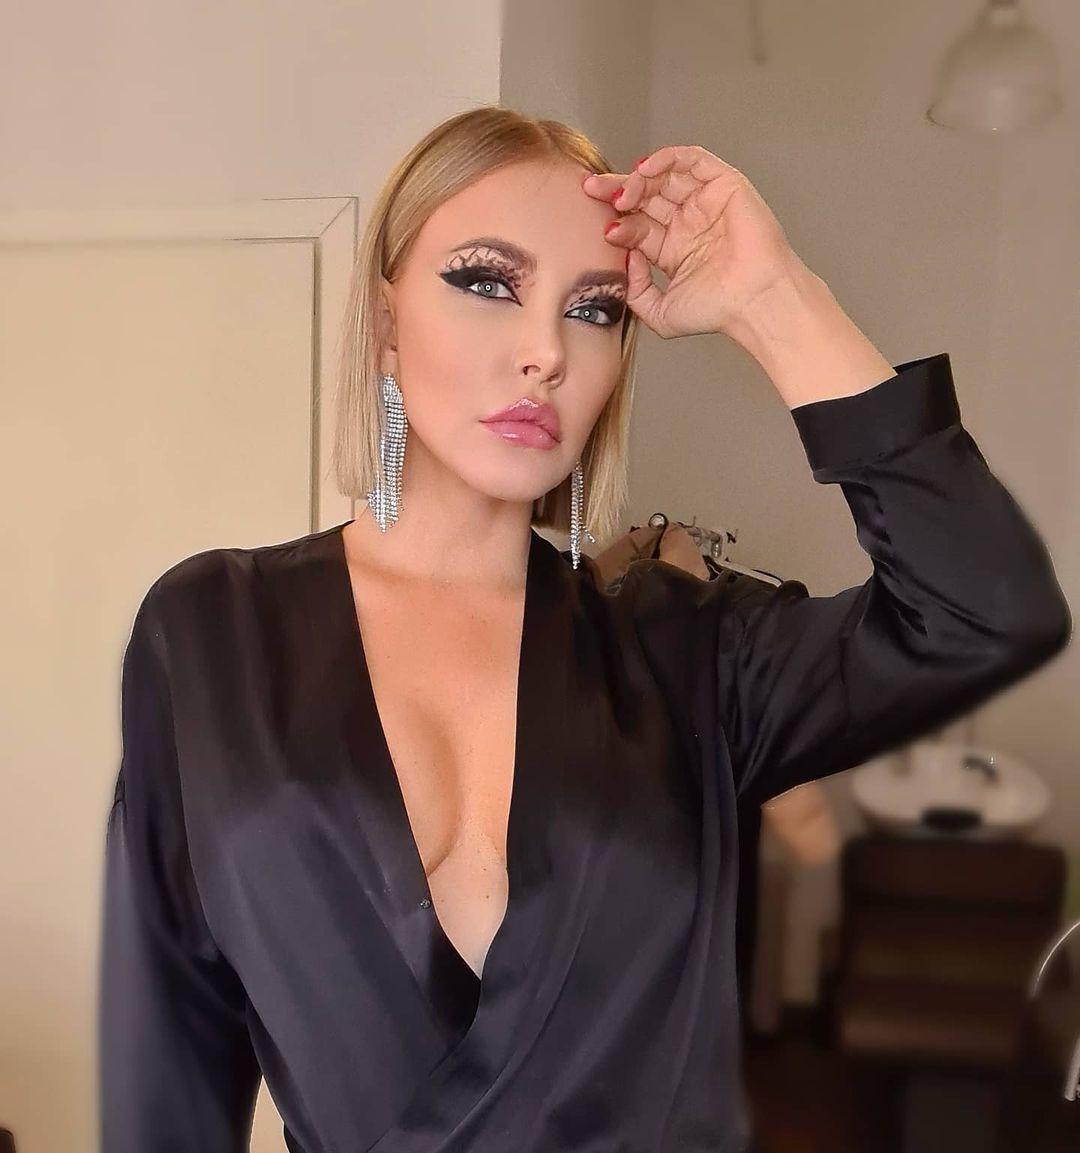 Рейтинг дня: Маша Малиновская надела шёлковое платье с глубочайшим декольте